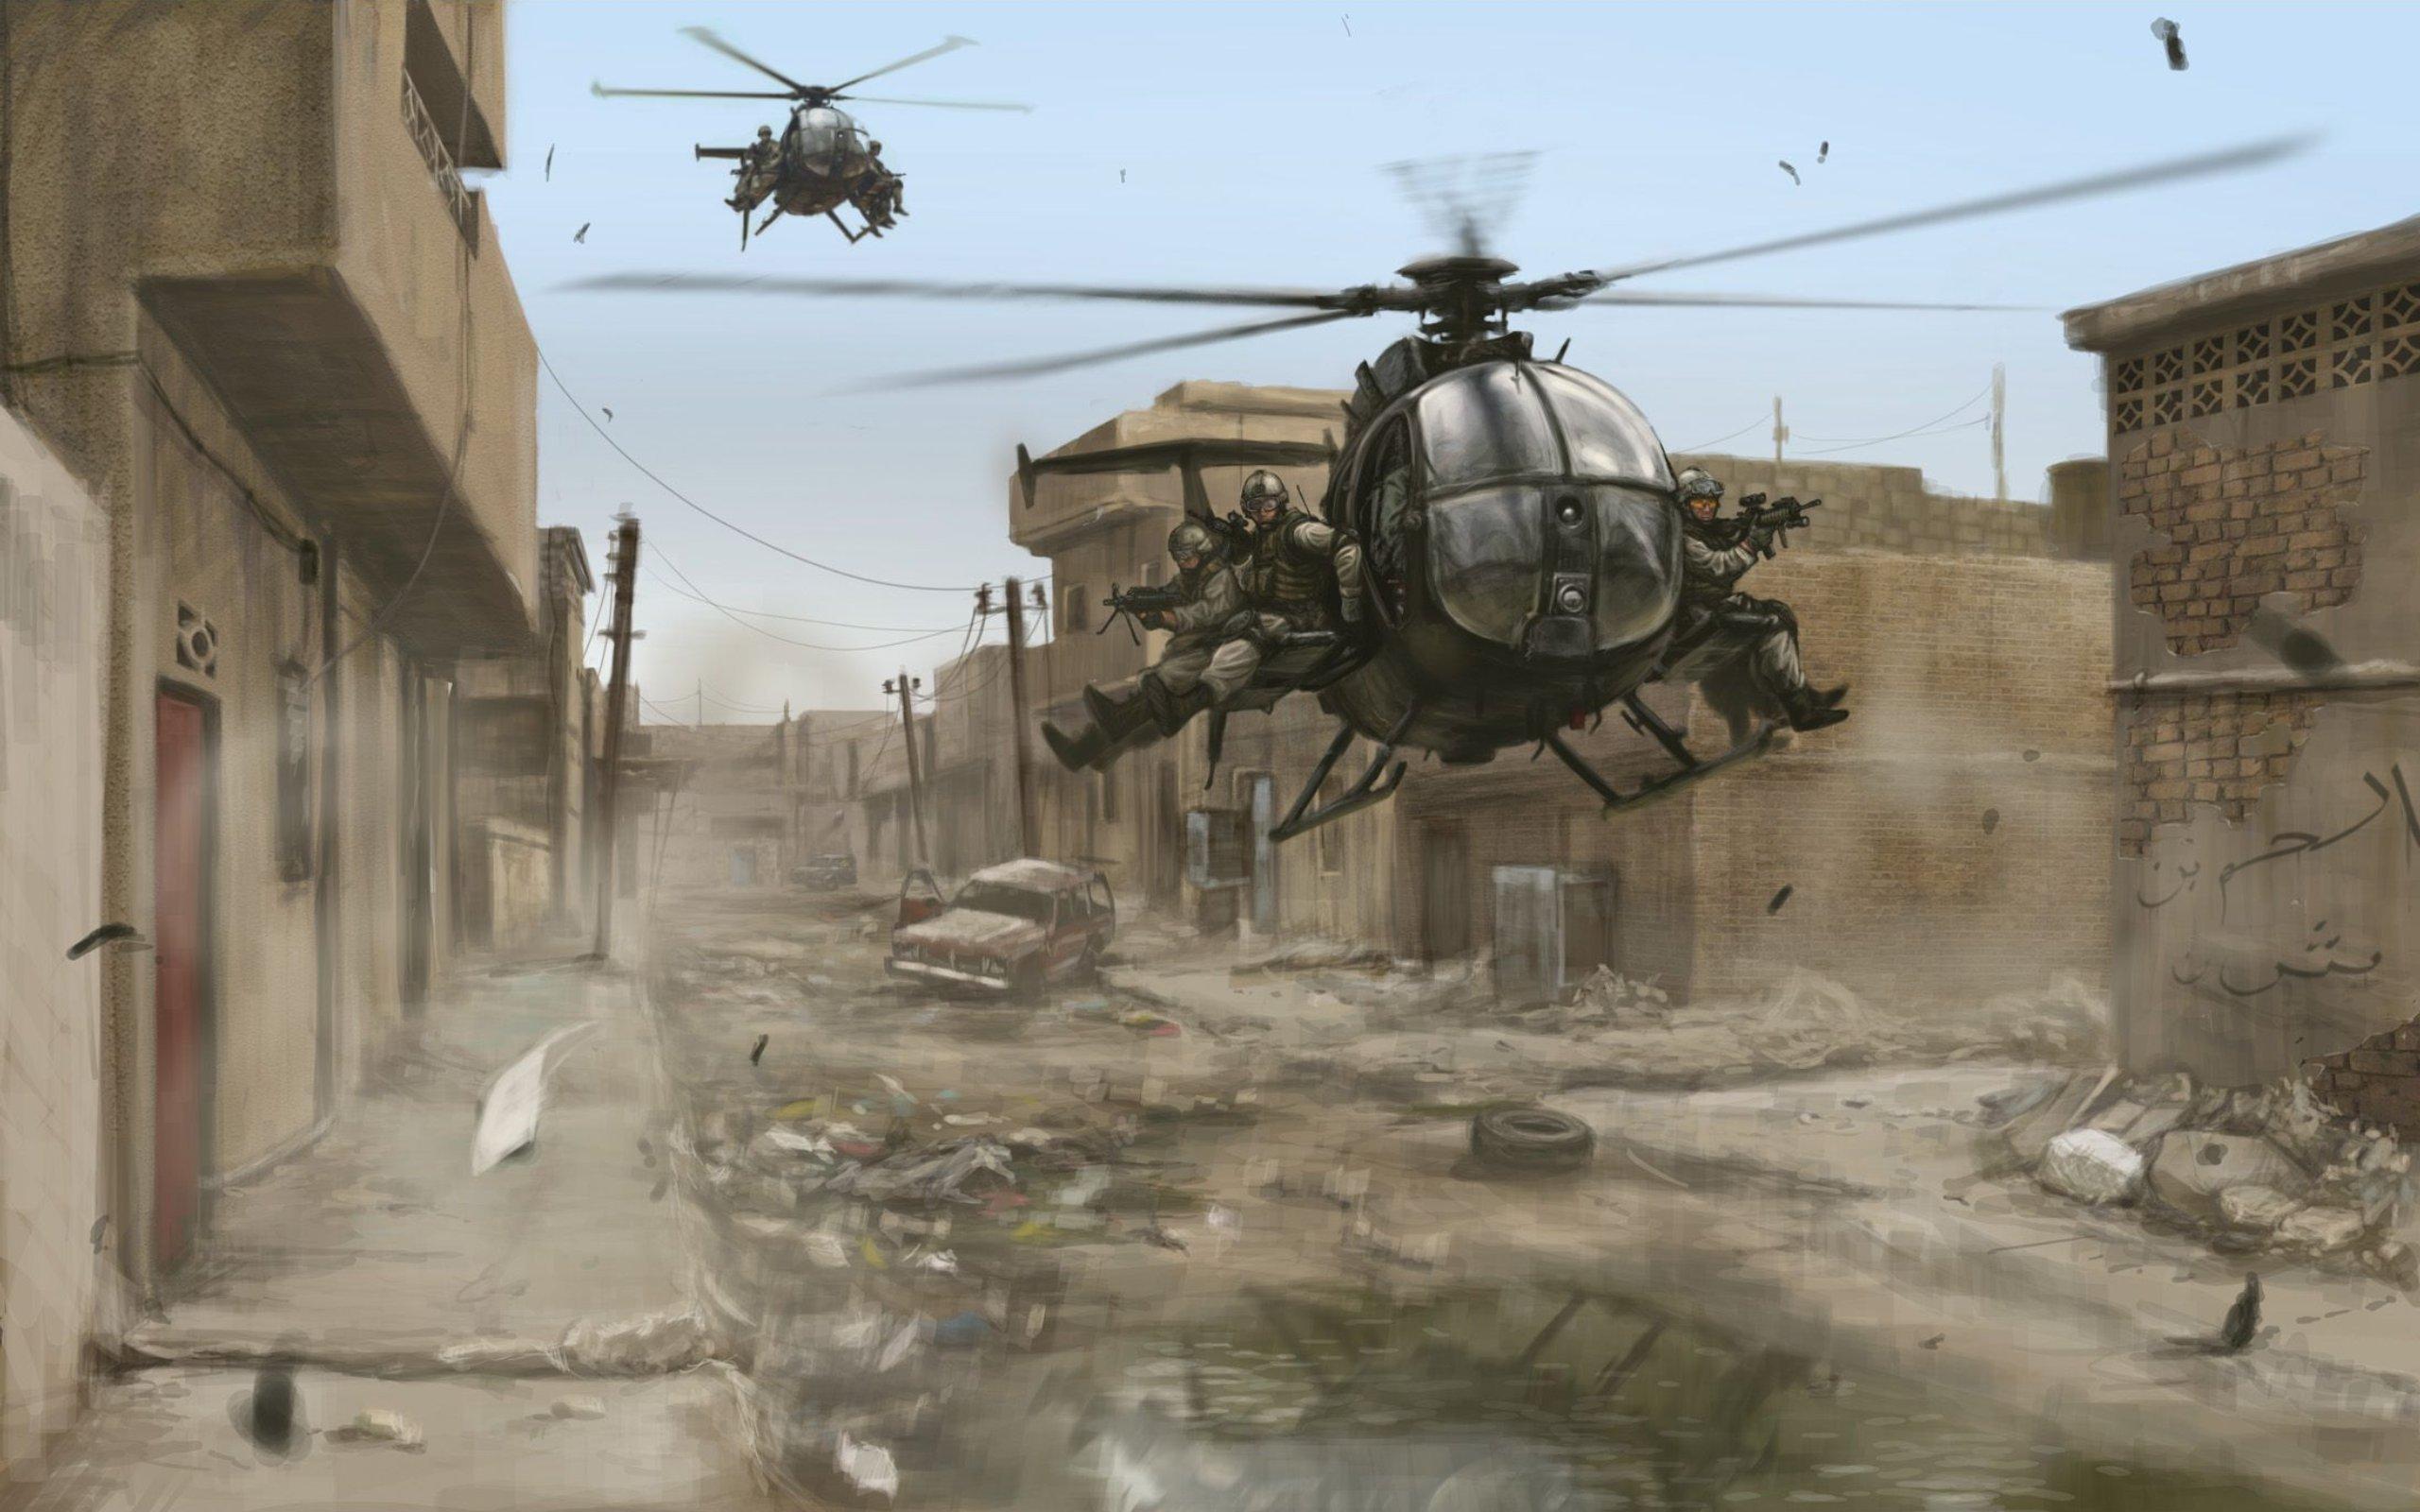 13327 Hintergrundbild herunterladen Hubschrauber, Bilder, War - Bildschirmschoner und Bilder kostenlos